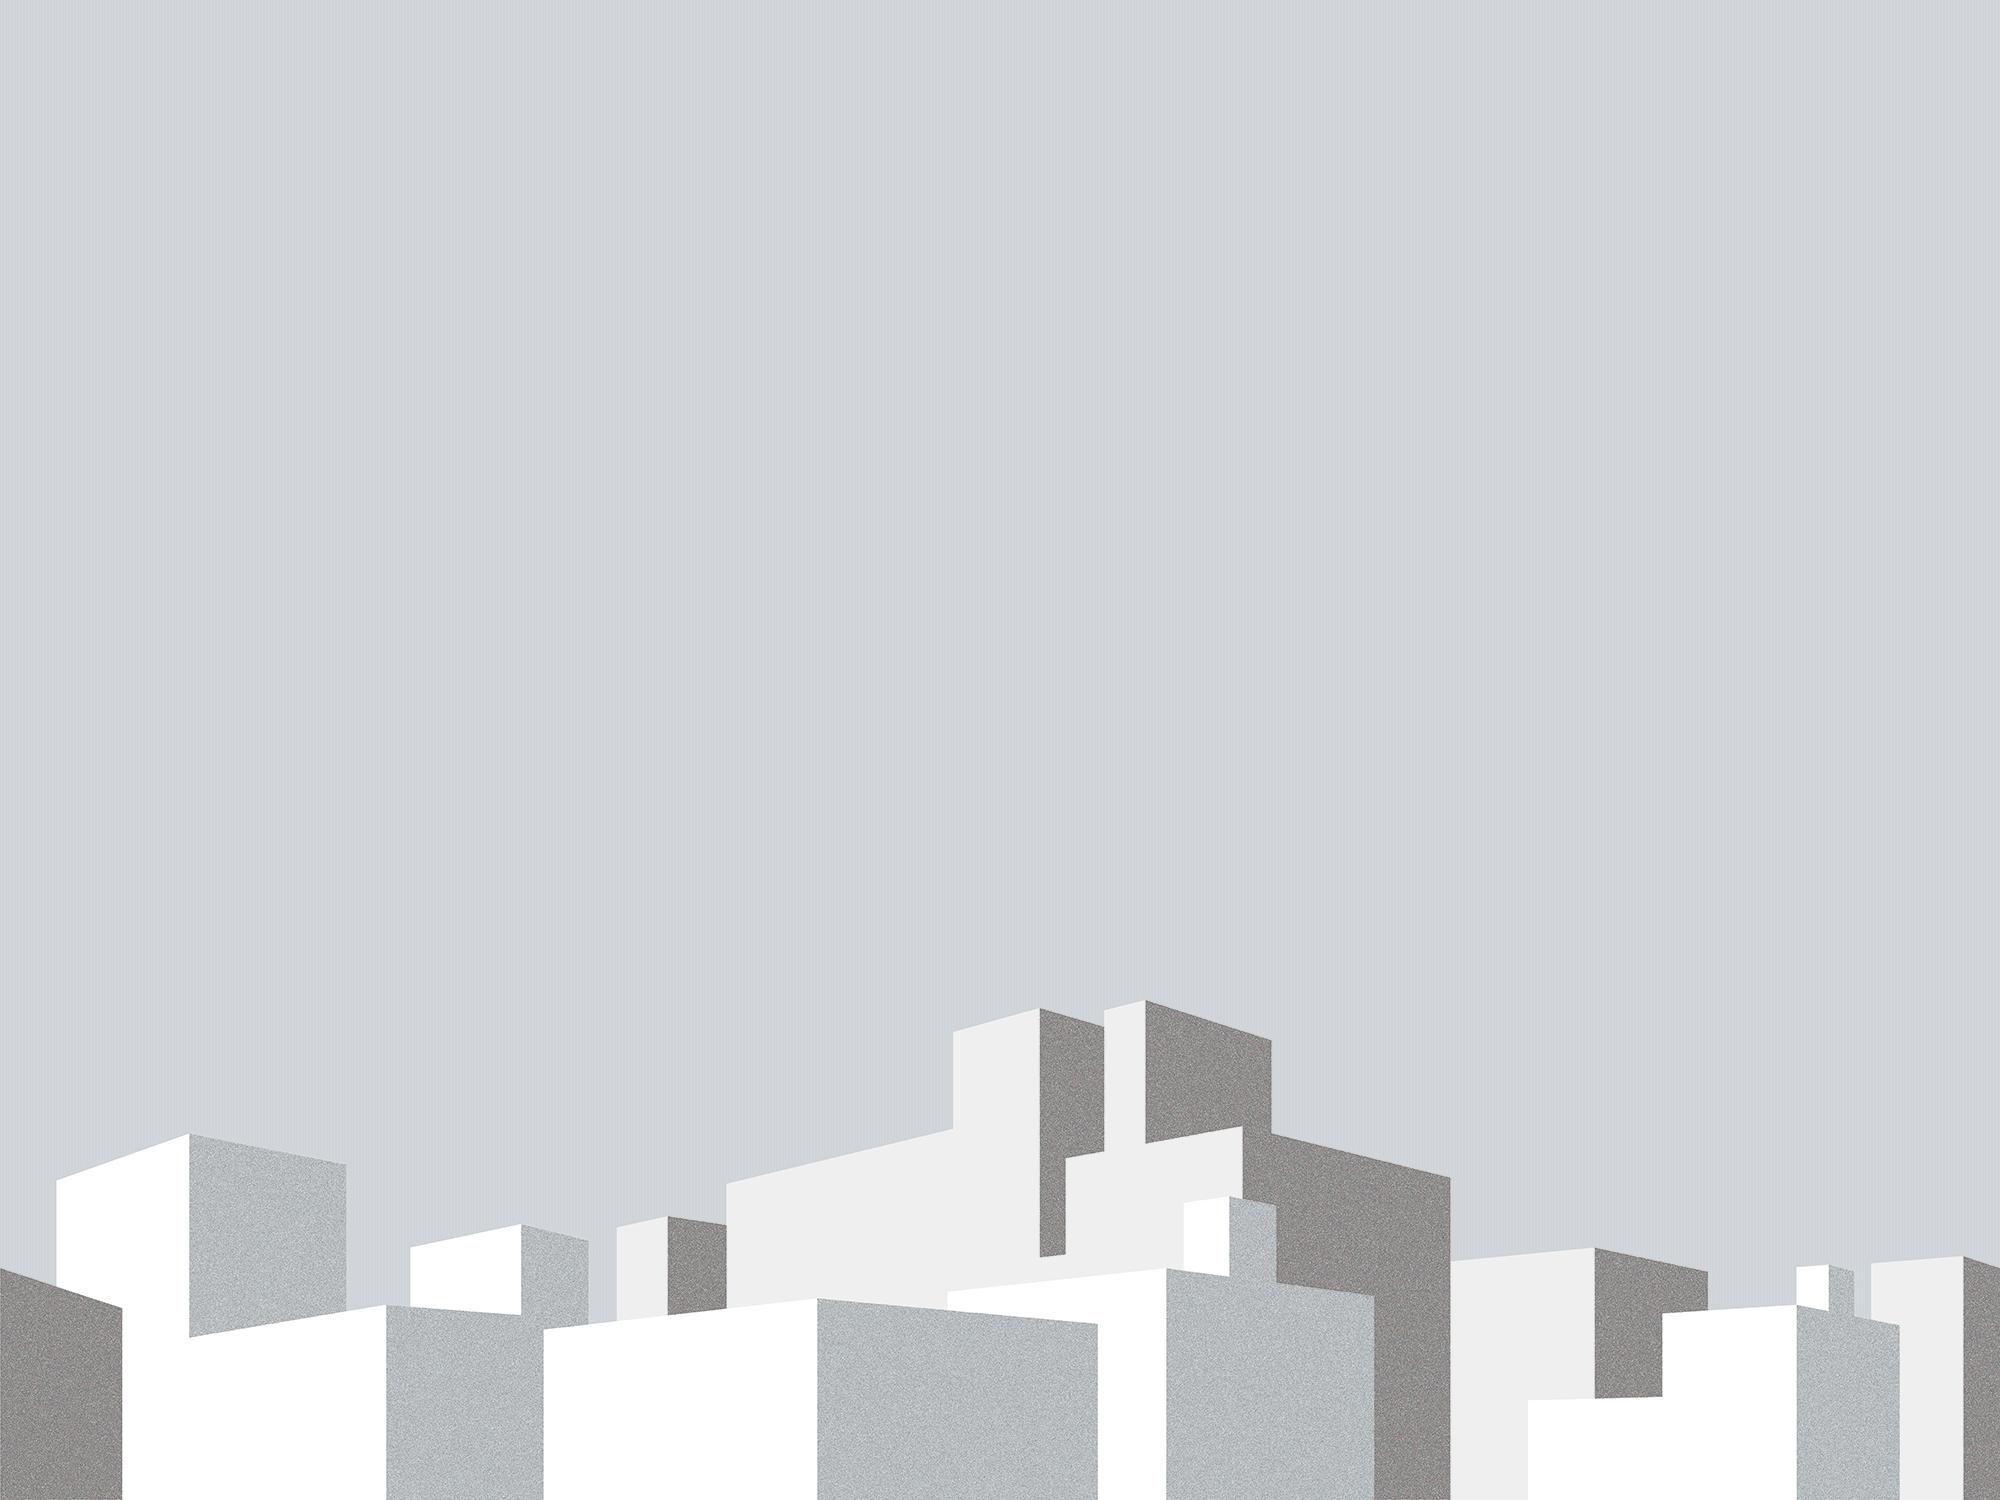 壁紙 デザイン アクセントクロス インテリア インテリアデザイン